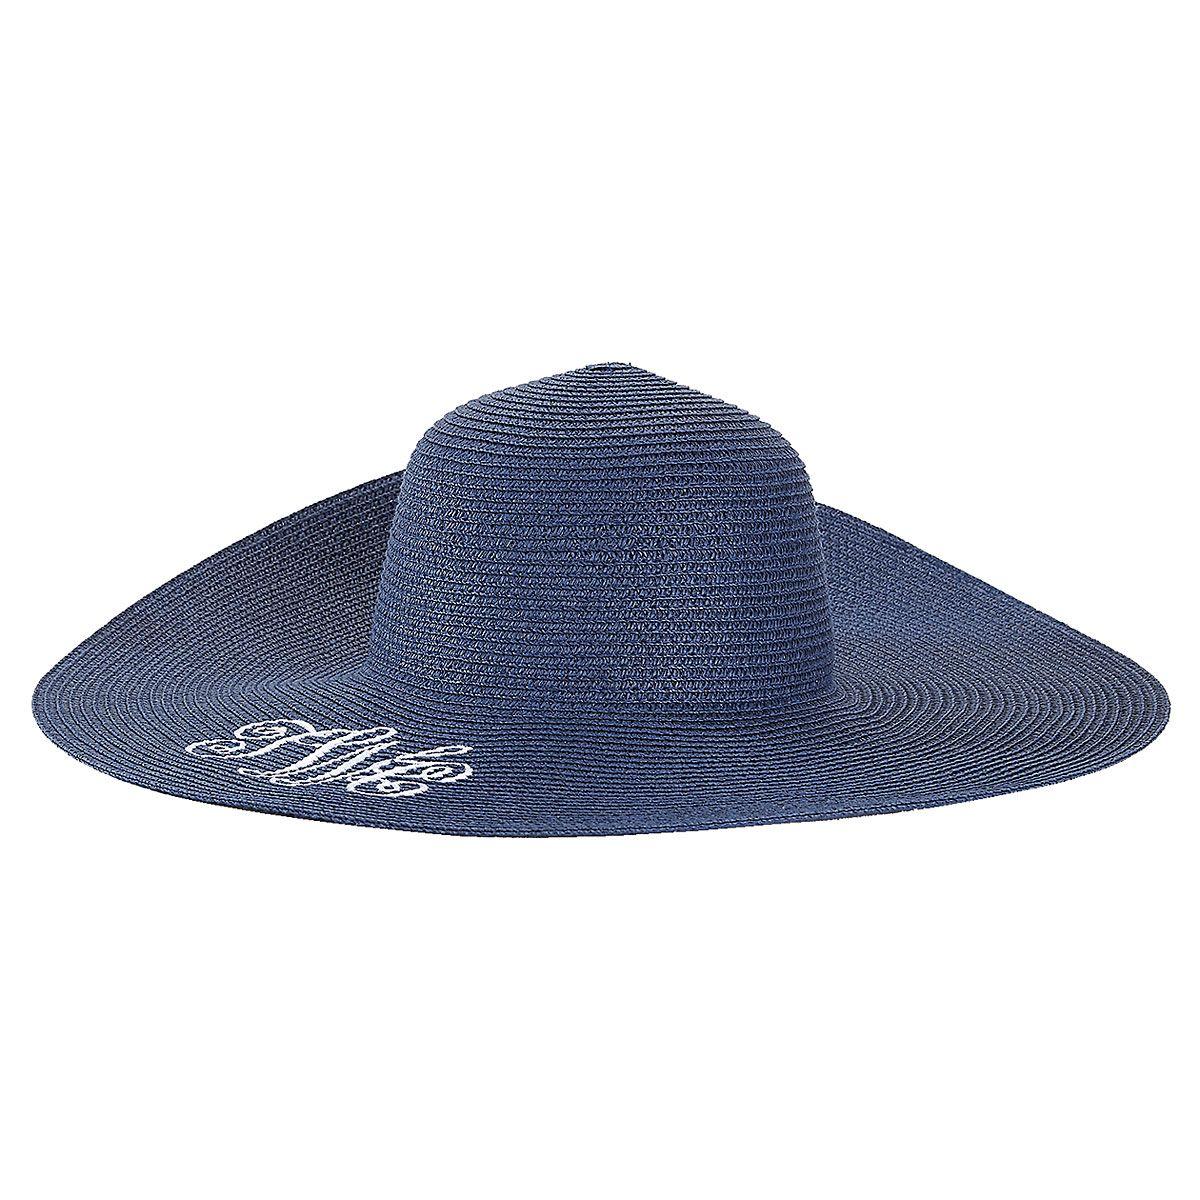 Personalized Navy Floppy Hat